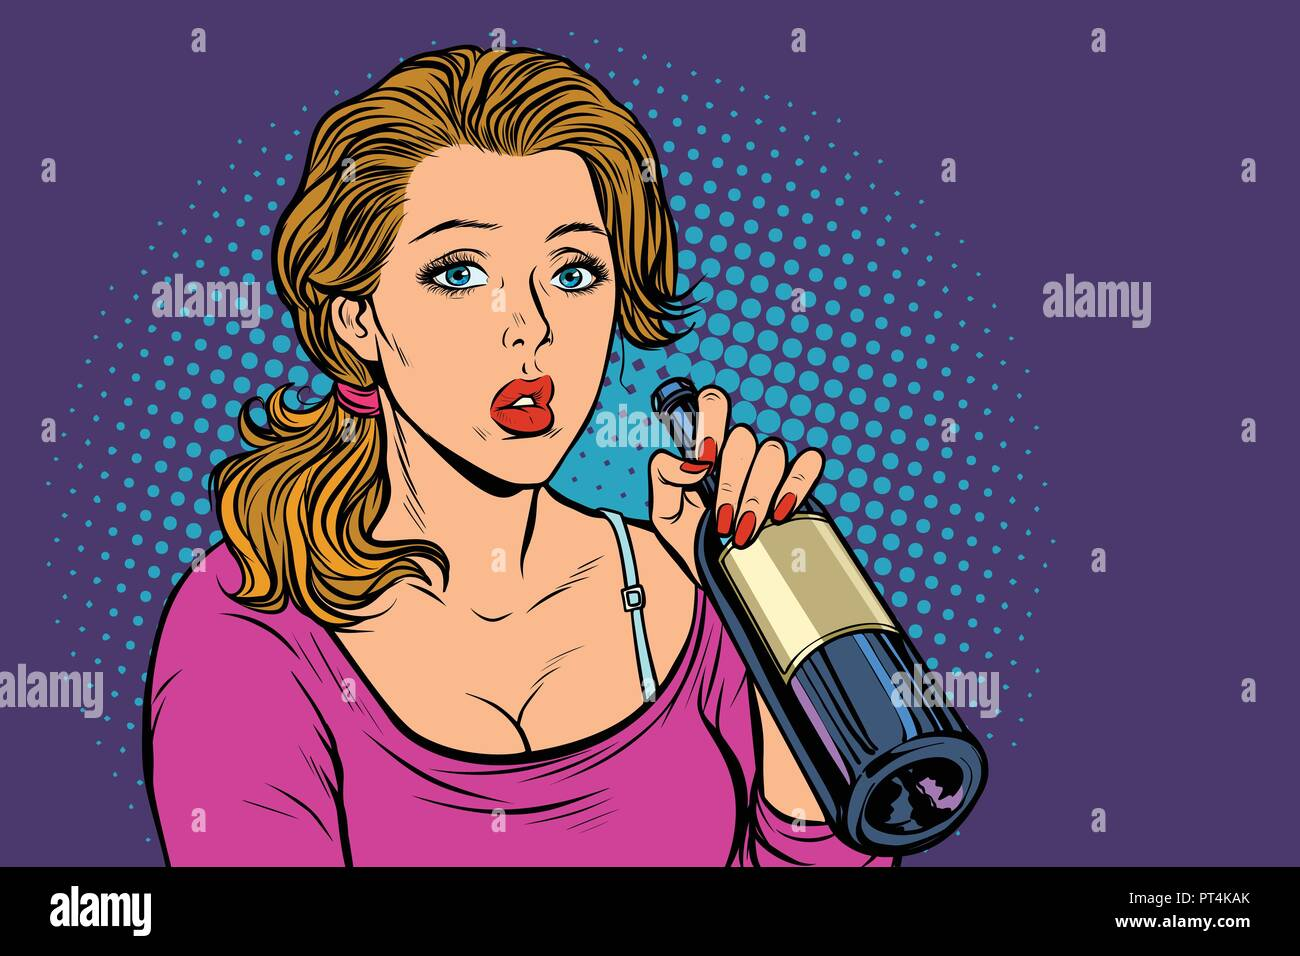 Donna di bere il vino dalla bottiglia. La solitudine e la tristezza. La Pop dcbeec49b83c